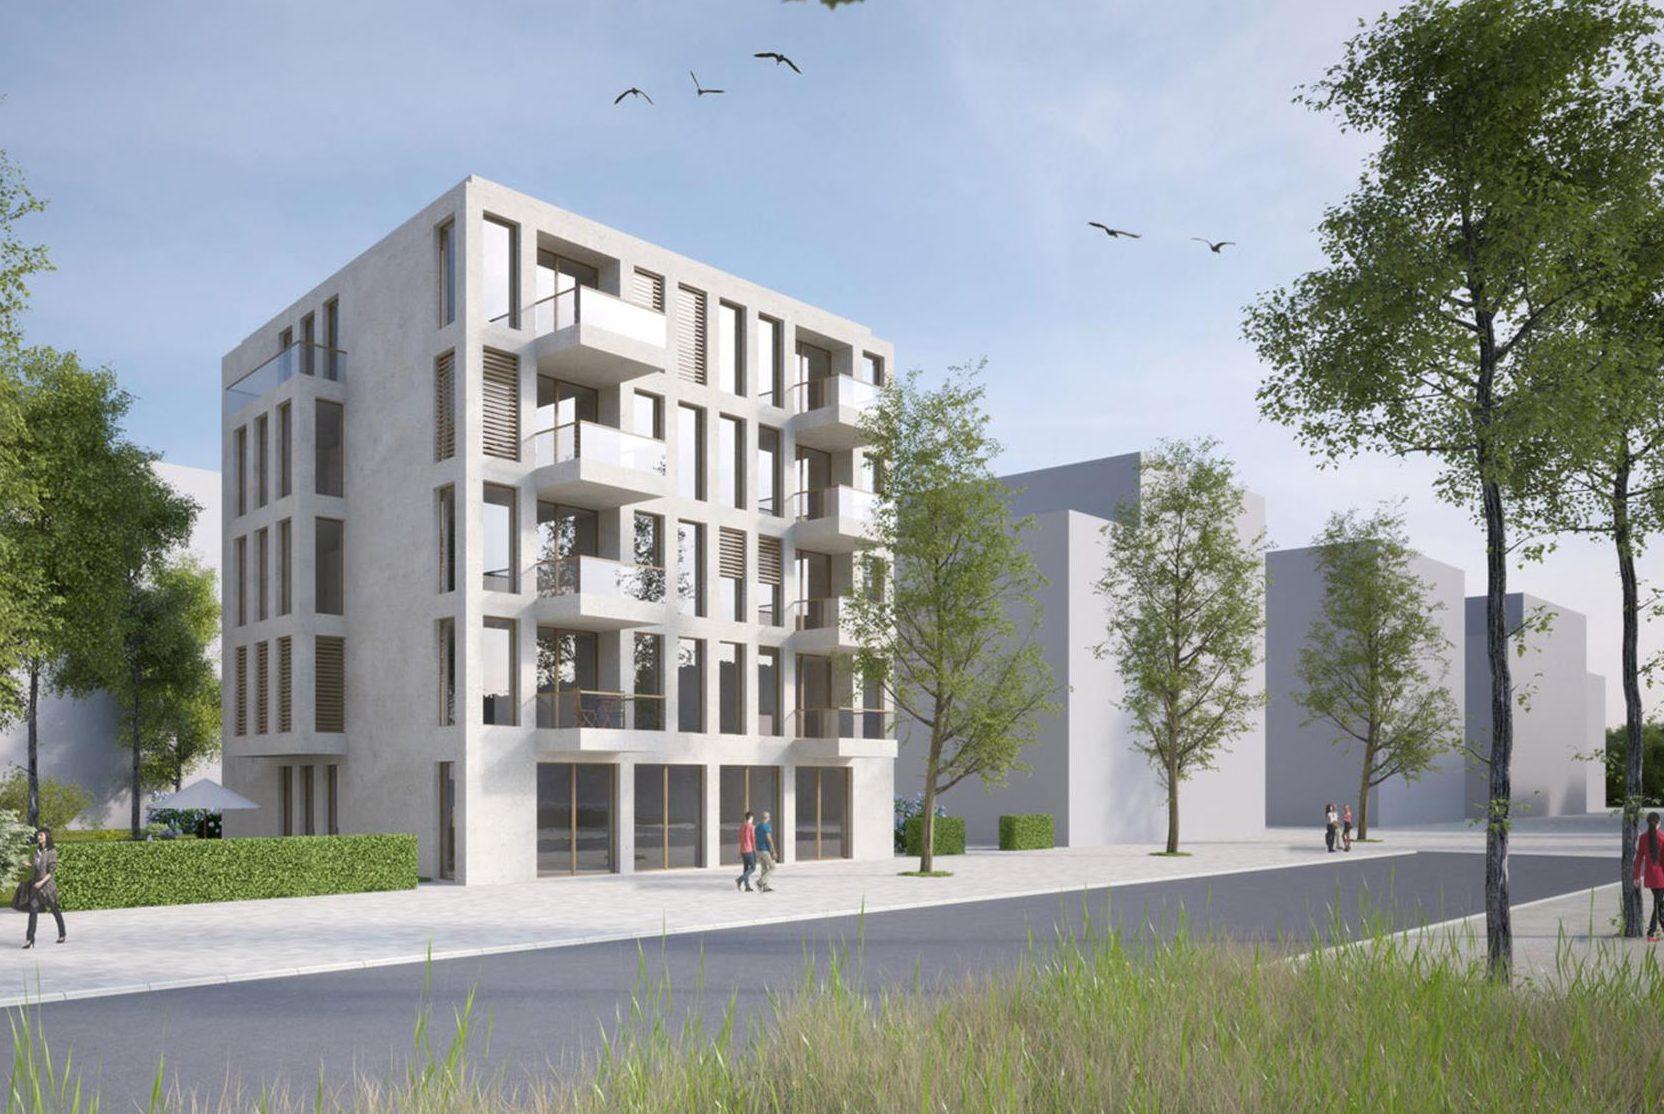 Mauerpark Thiele Architekten Berlin Fliesendesign